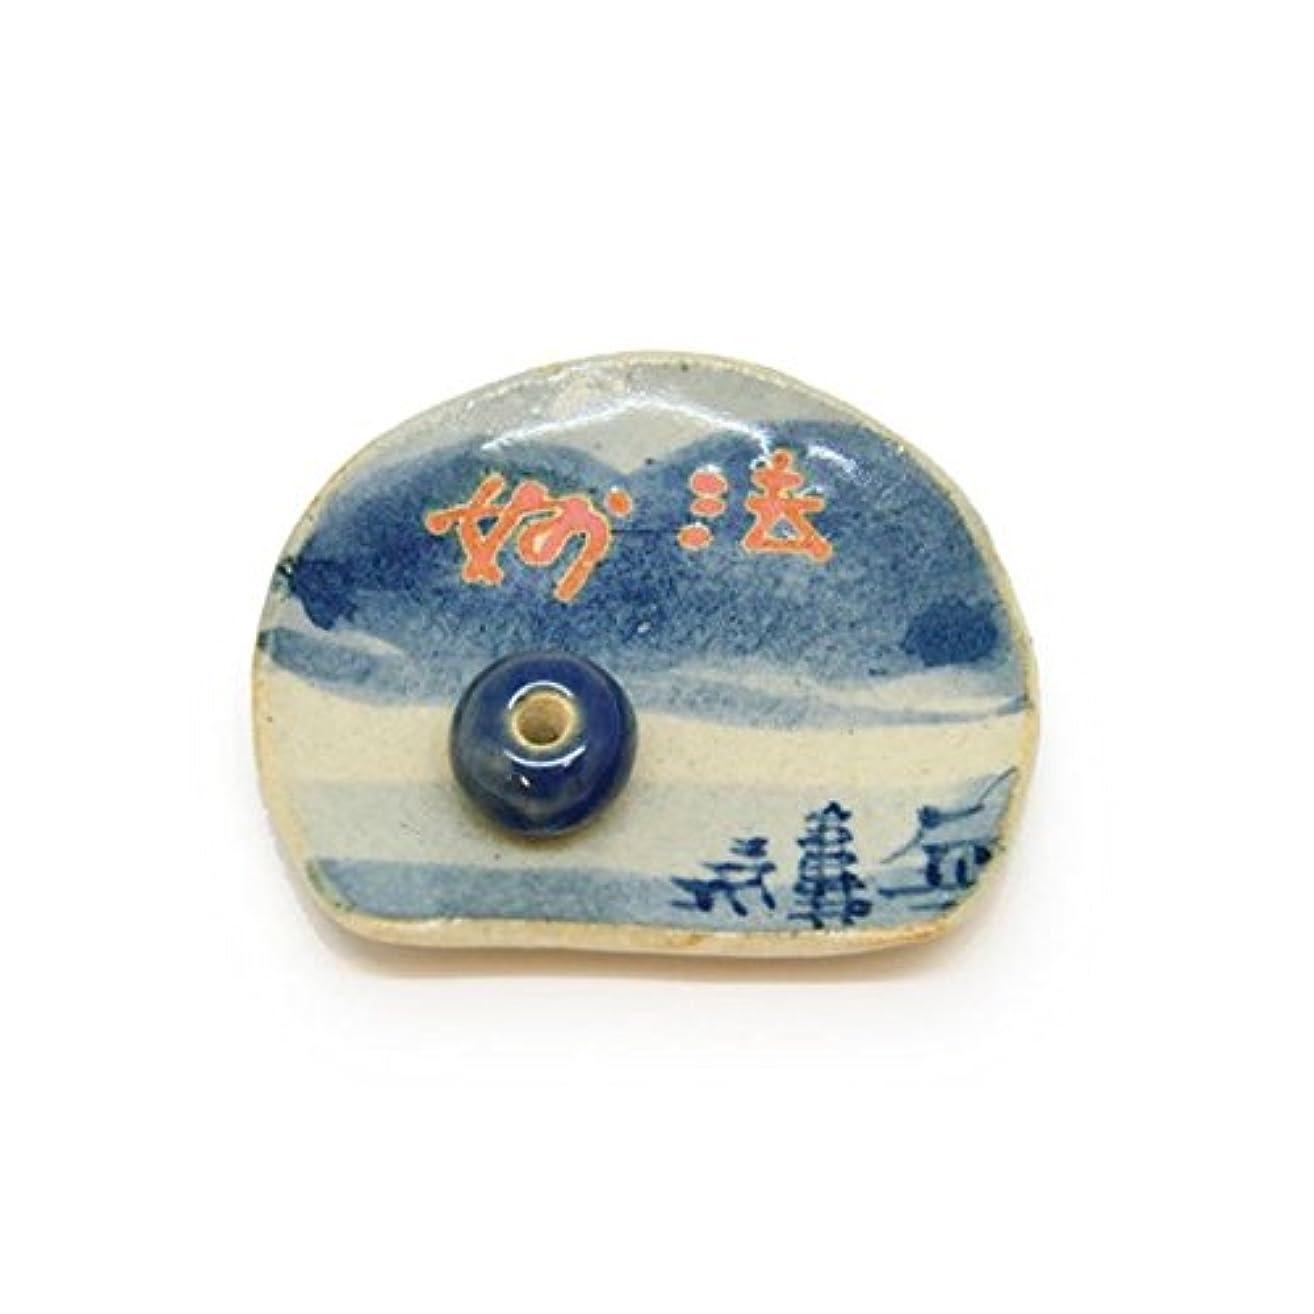 素敵な封建フルーティー香皿 京の風物詩 夏 「妙法」